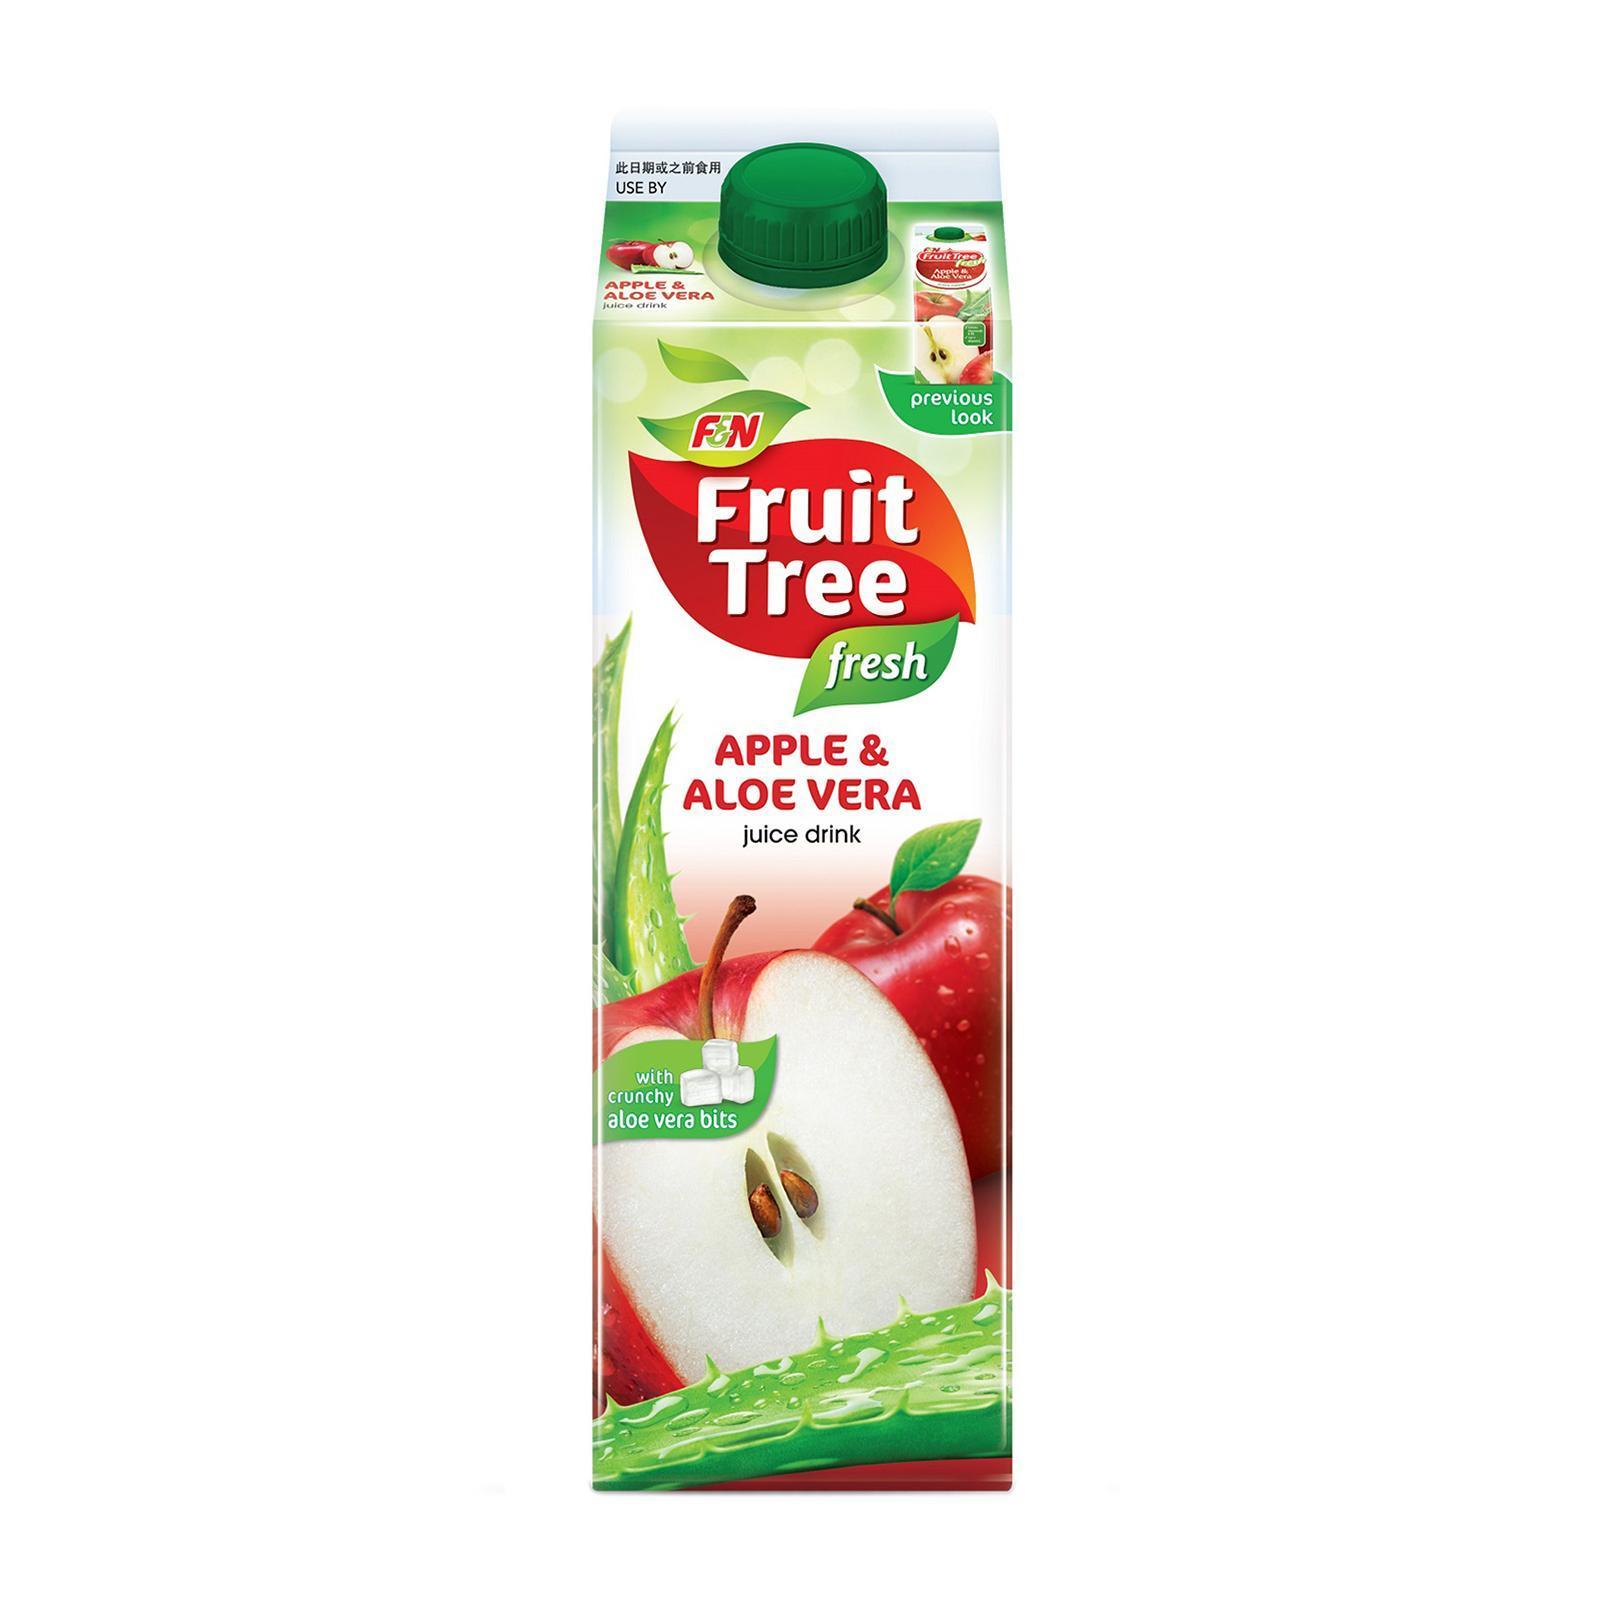 F&N Fruit Tree Fresh Apple and Aloe Vera Juice